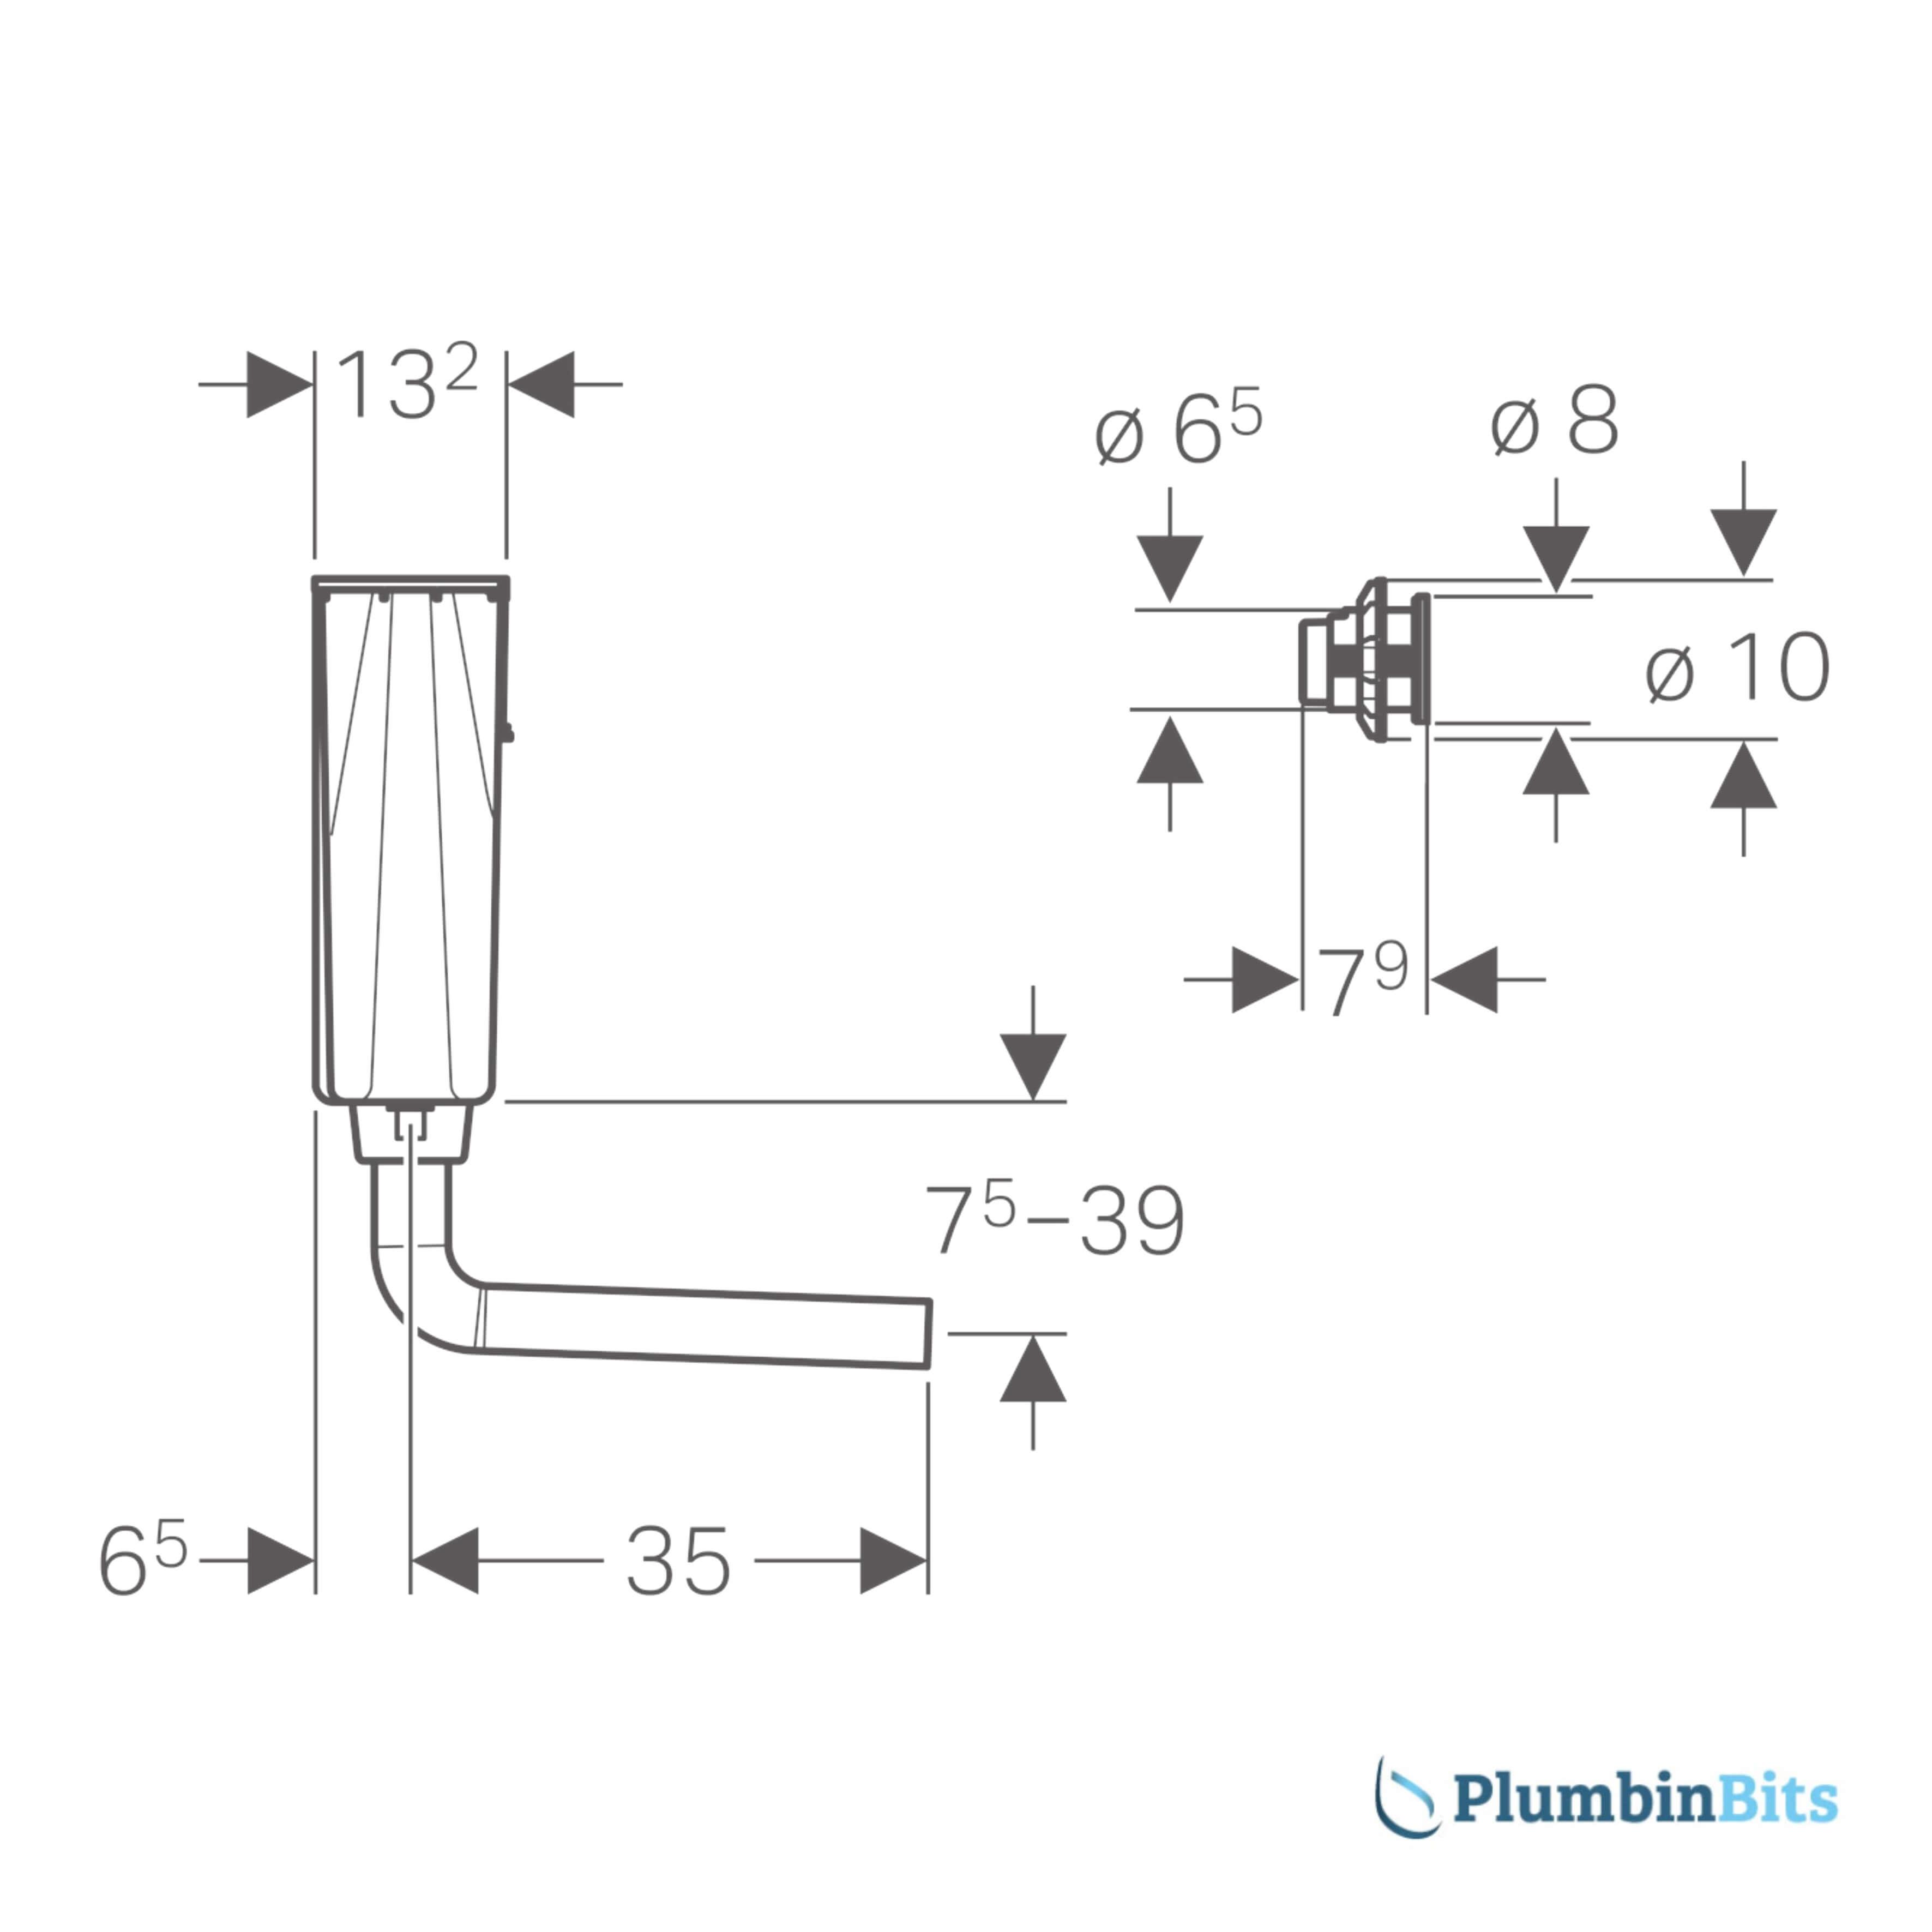 109.724.21.1 Cistern measure - side